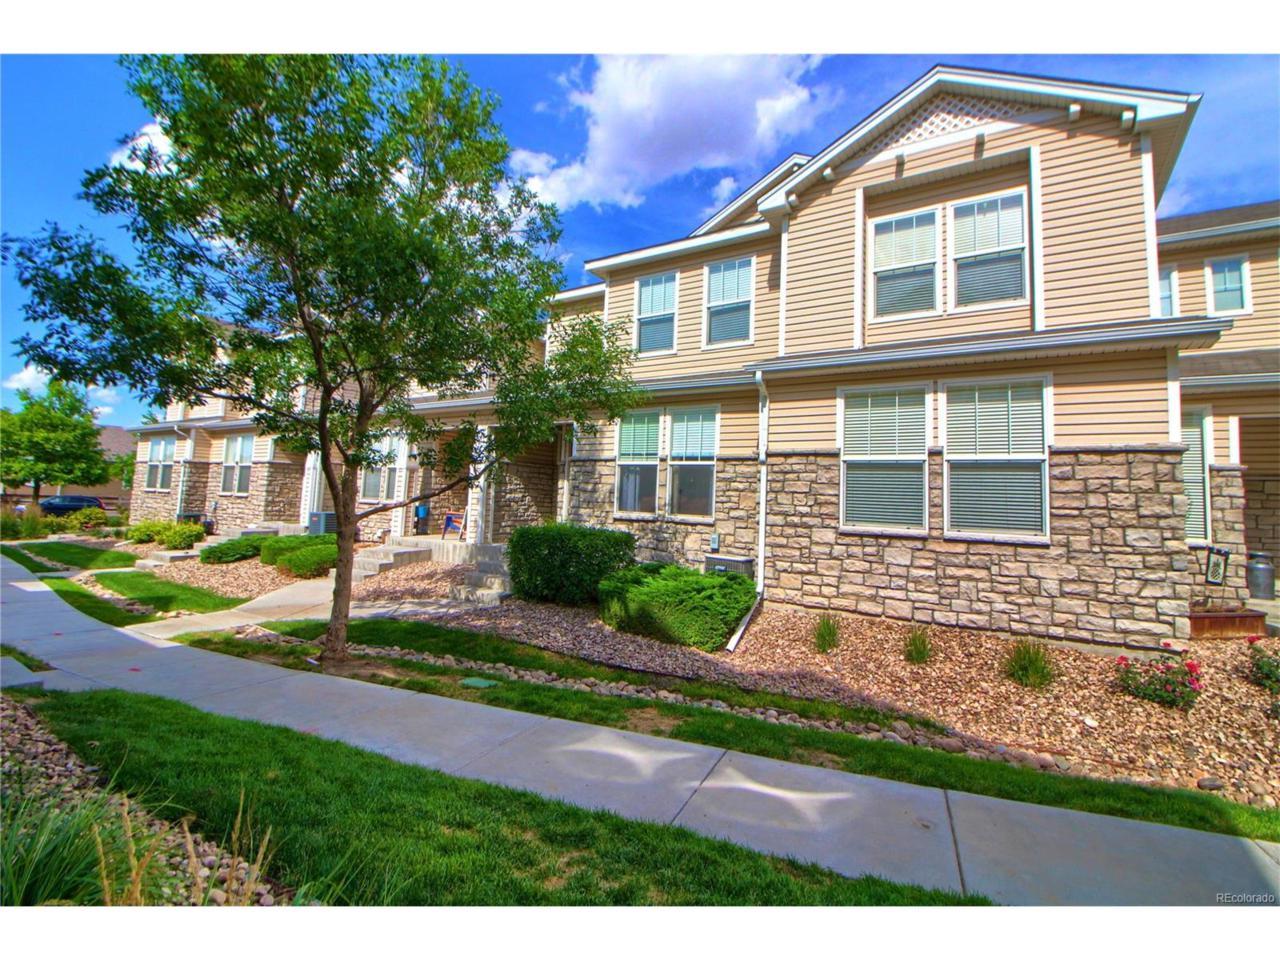 9758 Laredo Street 31D, Commerce City, CO 80022 (MLS #1888020) :: 8z Real Estate